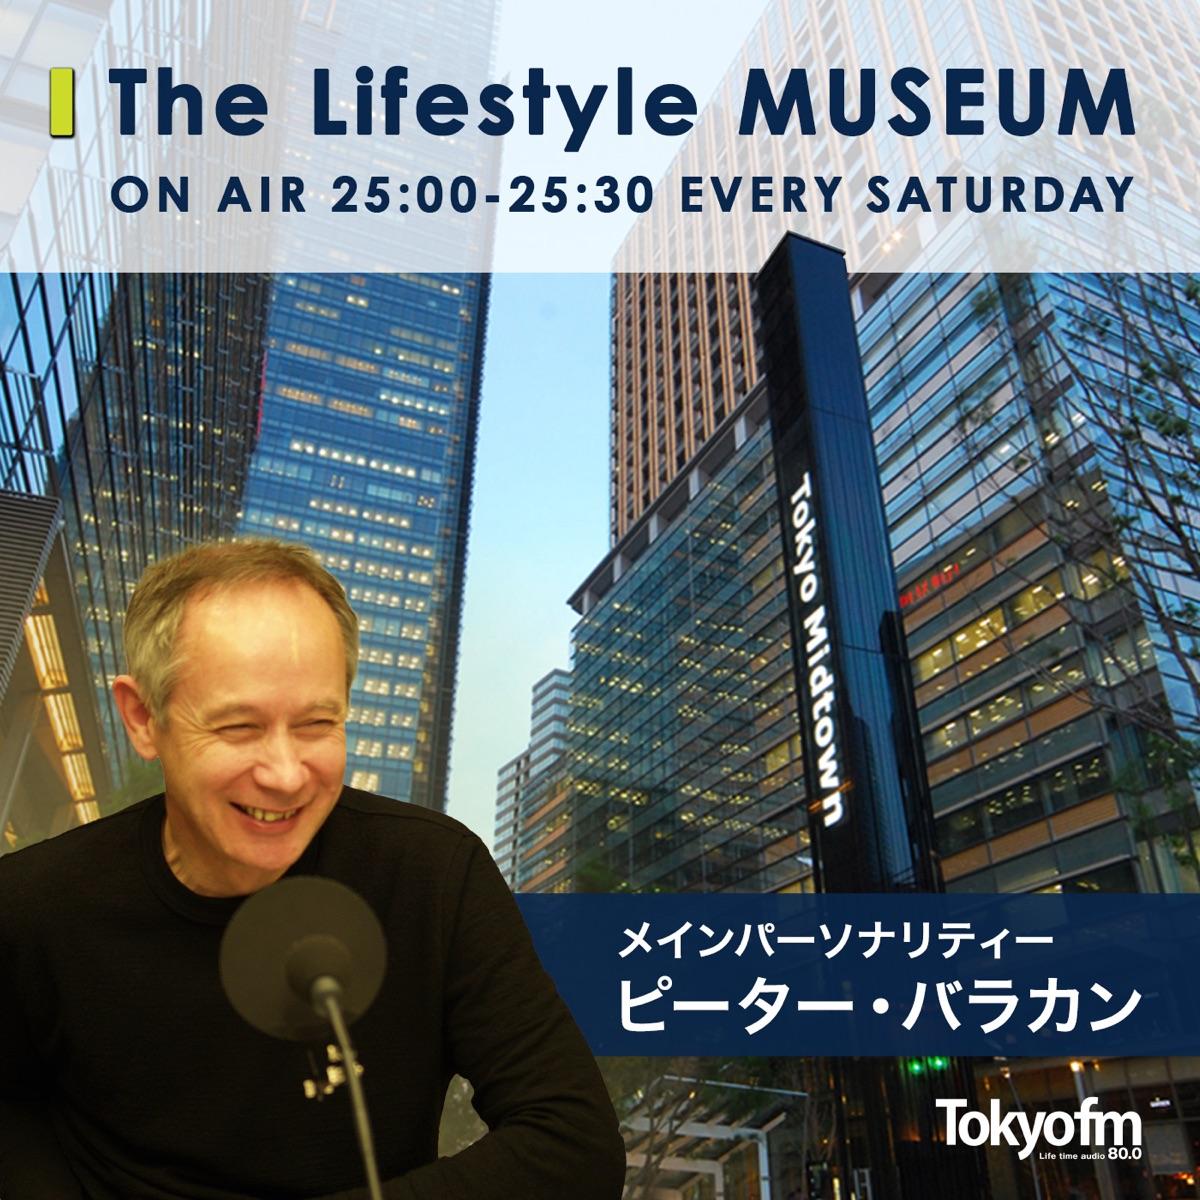 澁谷梨絵さん_Tokyo Midtown presents The Lifestyle MUSEUM_vol.543